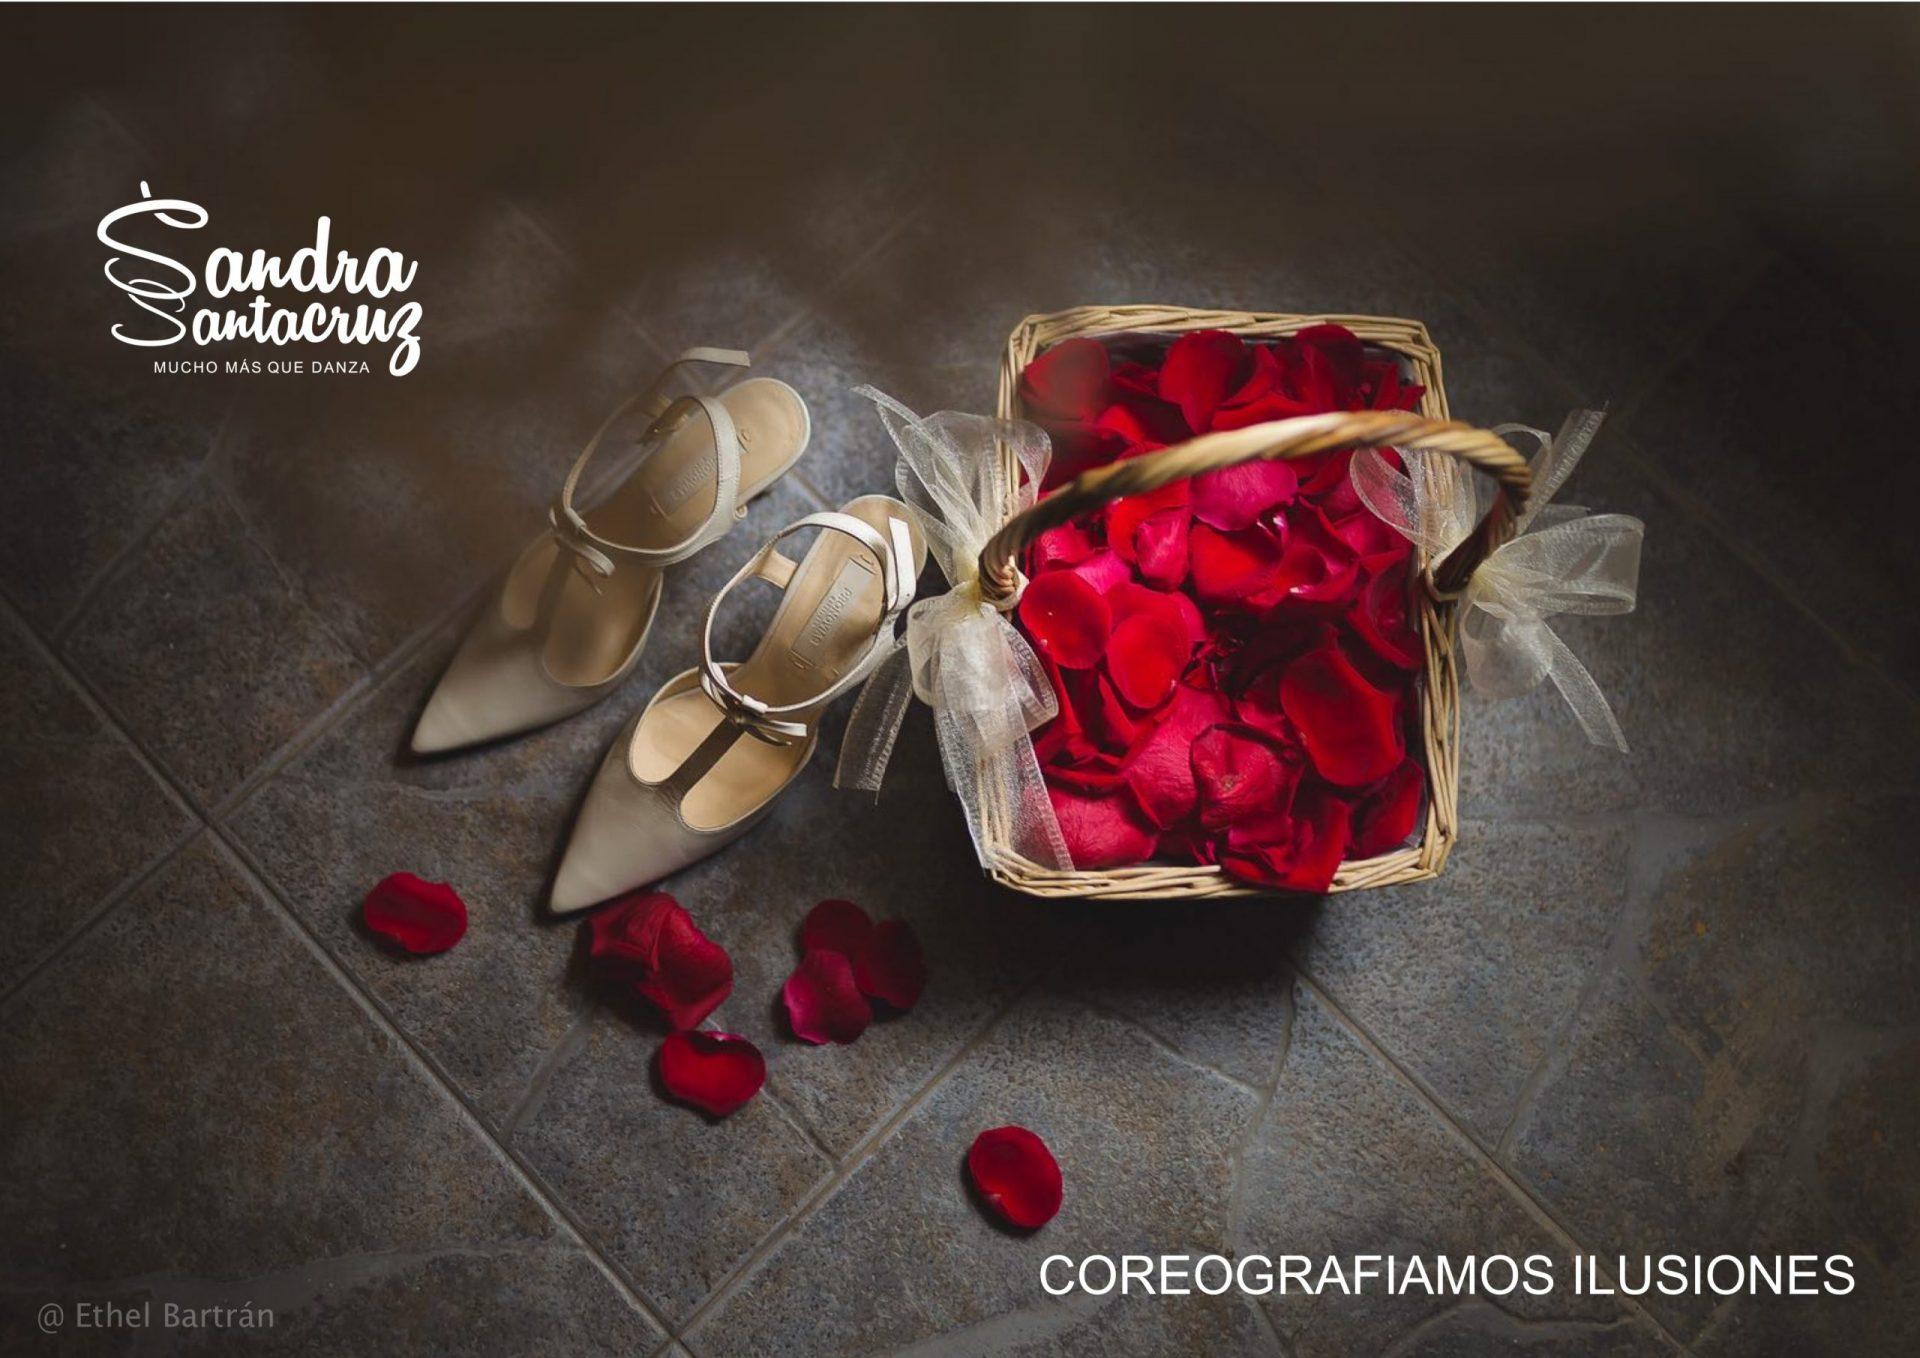 Foto de unos zapatos de boda de tacón al lado de una cesta de mimbre con pétalos de rosas rojas para anunciar la clase DANCE TOGETHER del Centro de Danza Sandra Santa Cruz. Fotografía de Ethel Bartán.